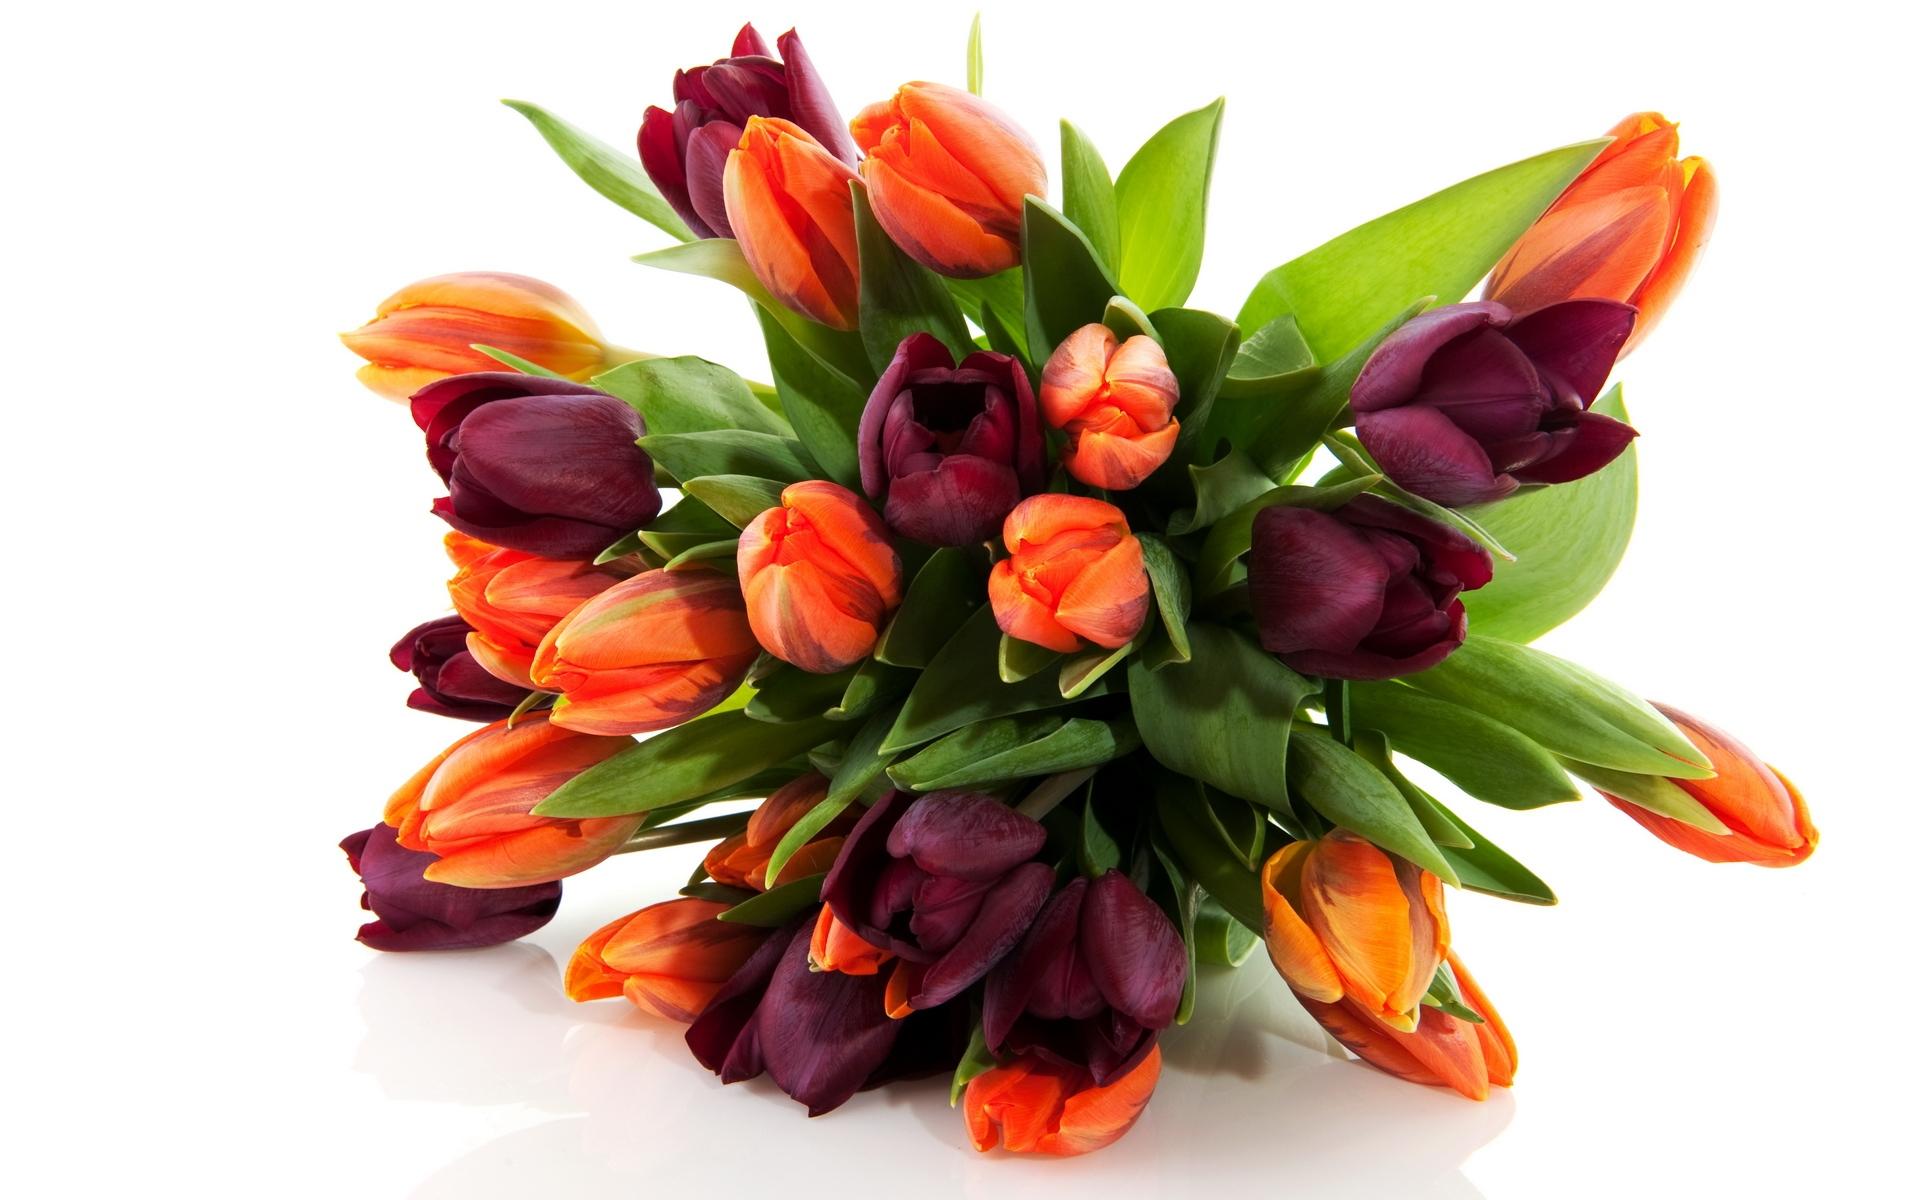 36557 скачать обои Растения, Цветы, Тюльпаны - заставки и картинки бесплатно